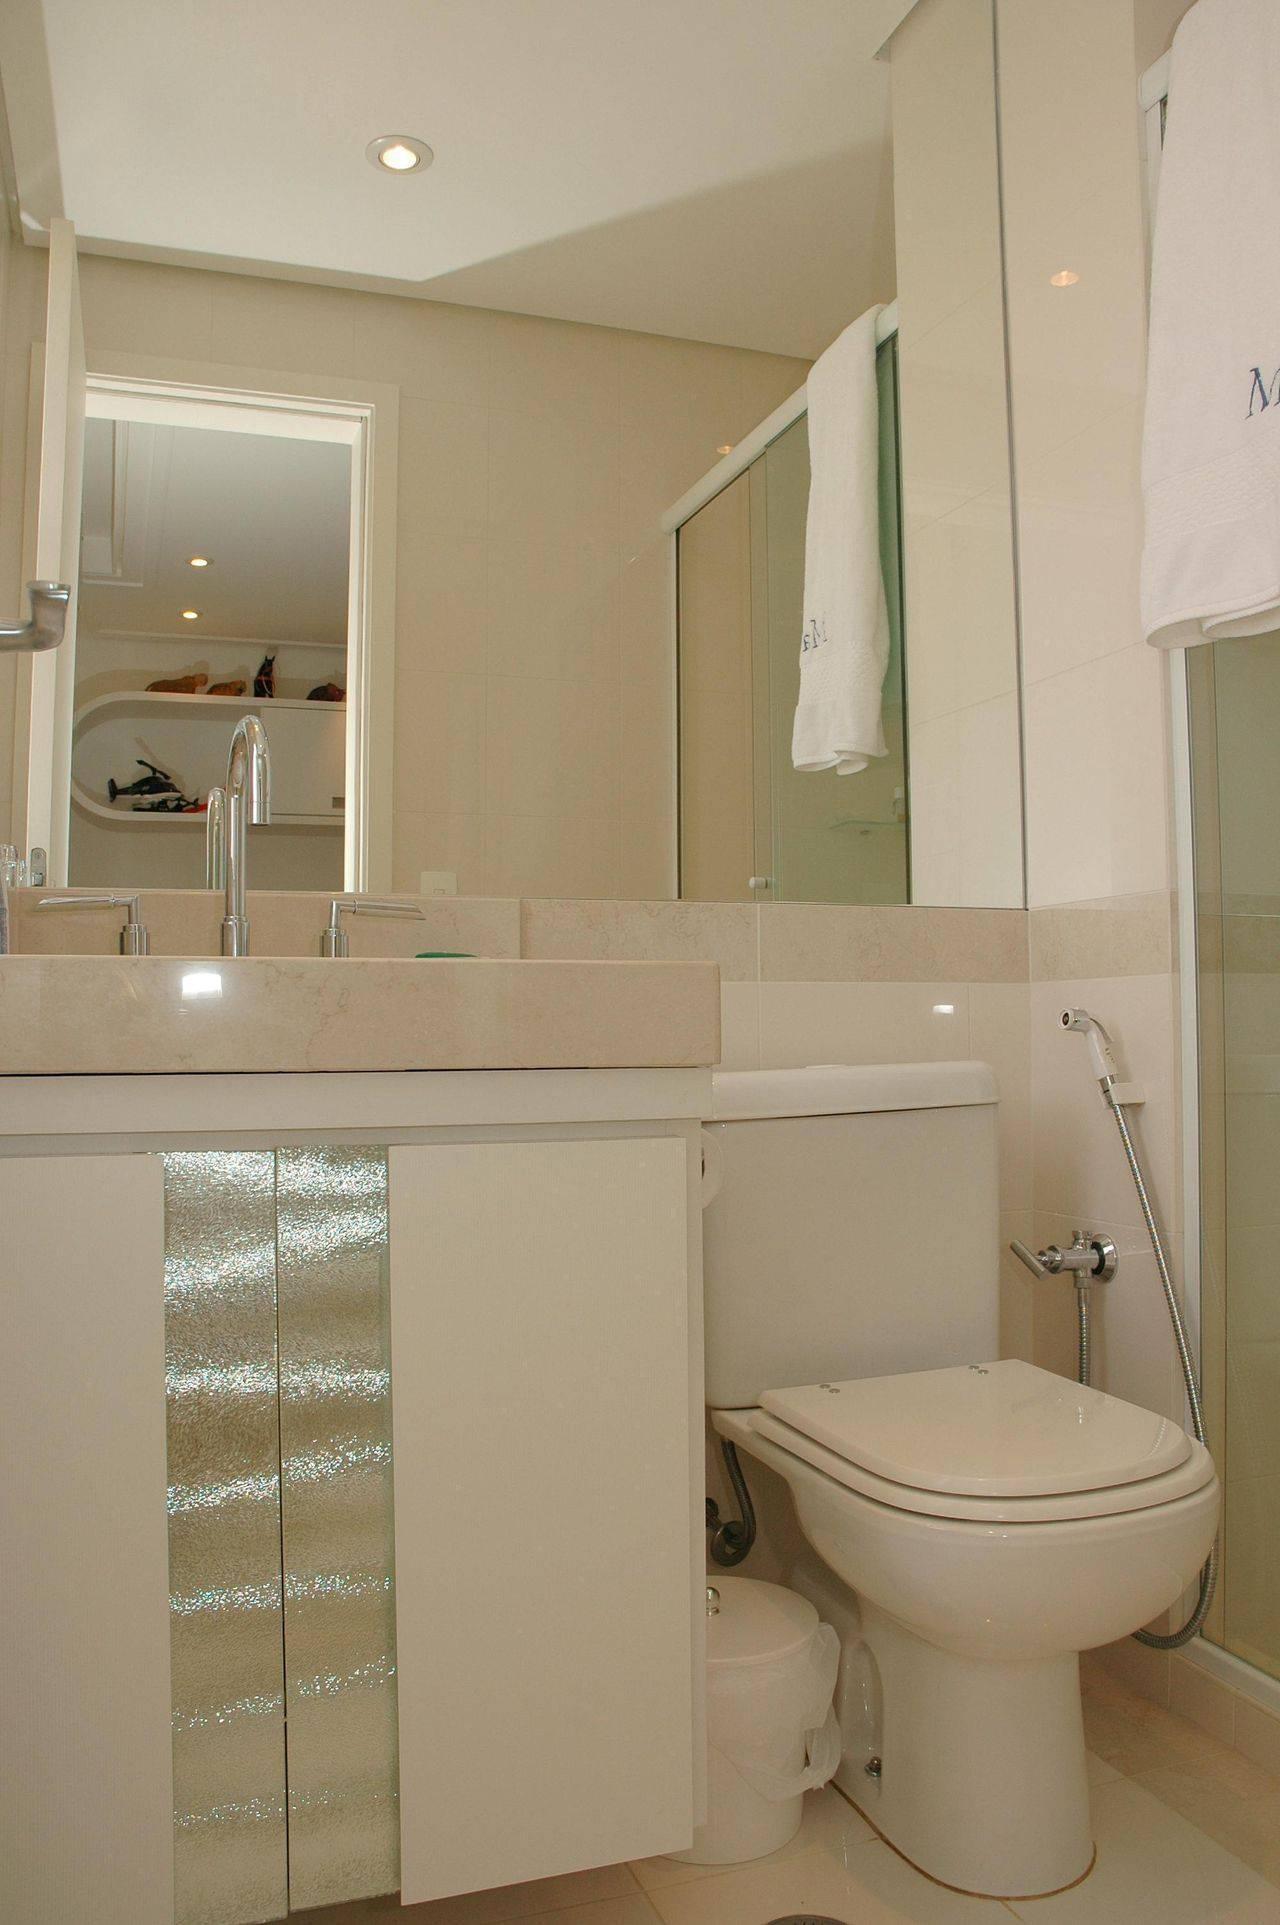 vaso sanitario banheiro leo shehtman 1540